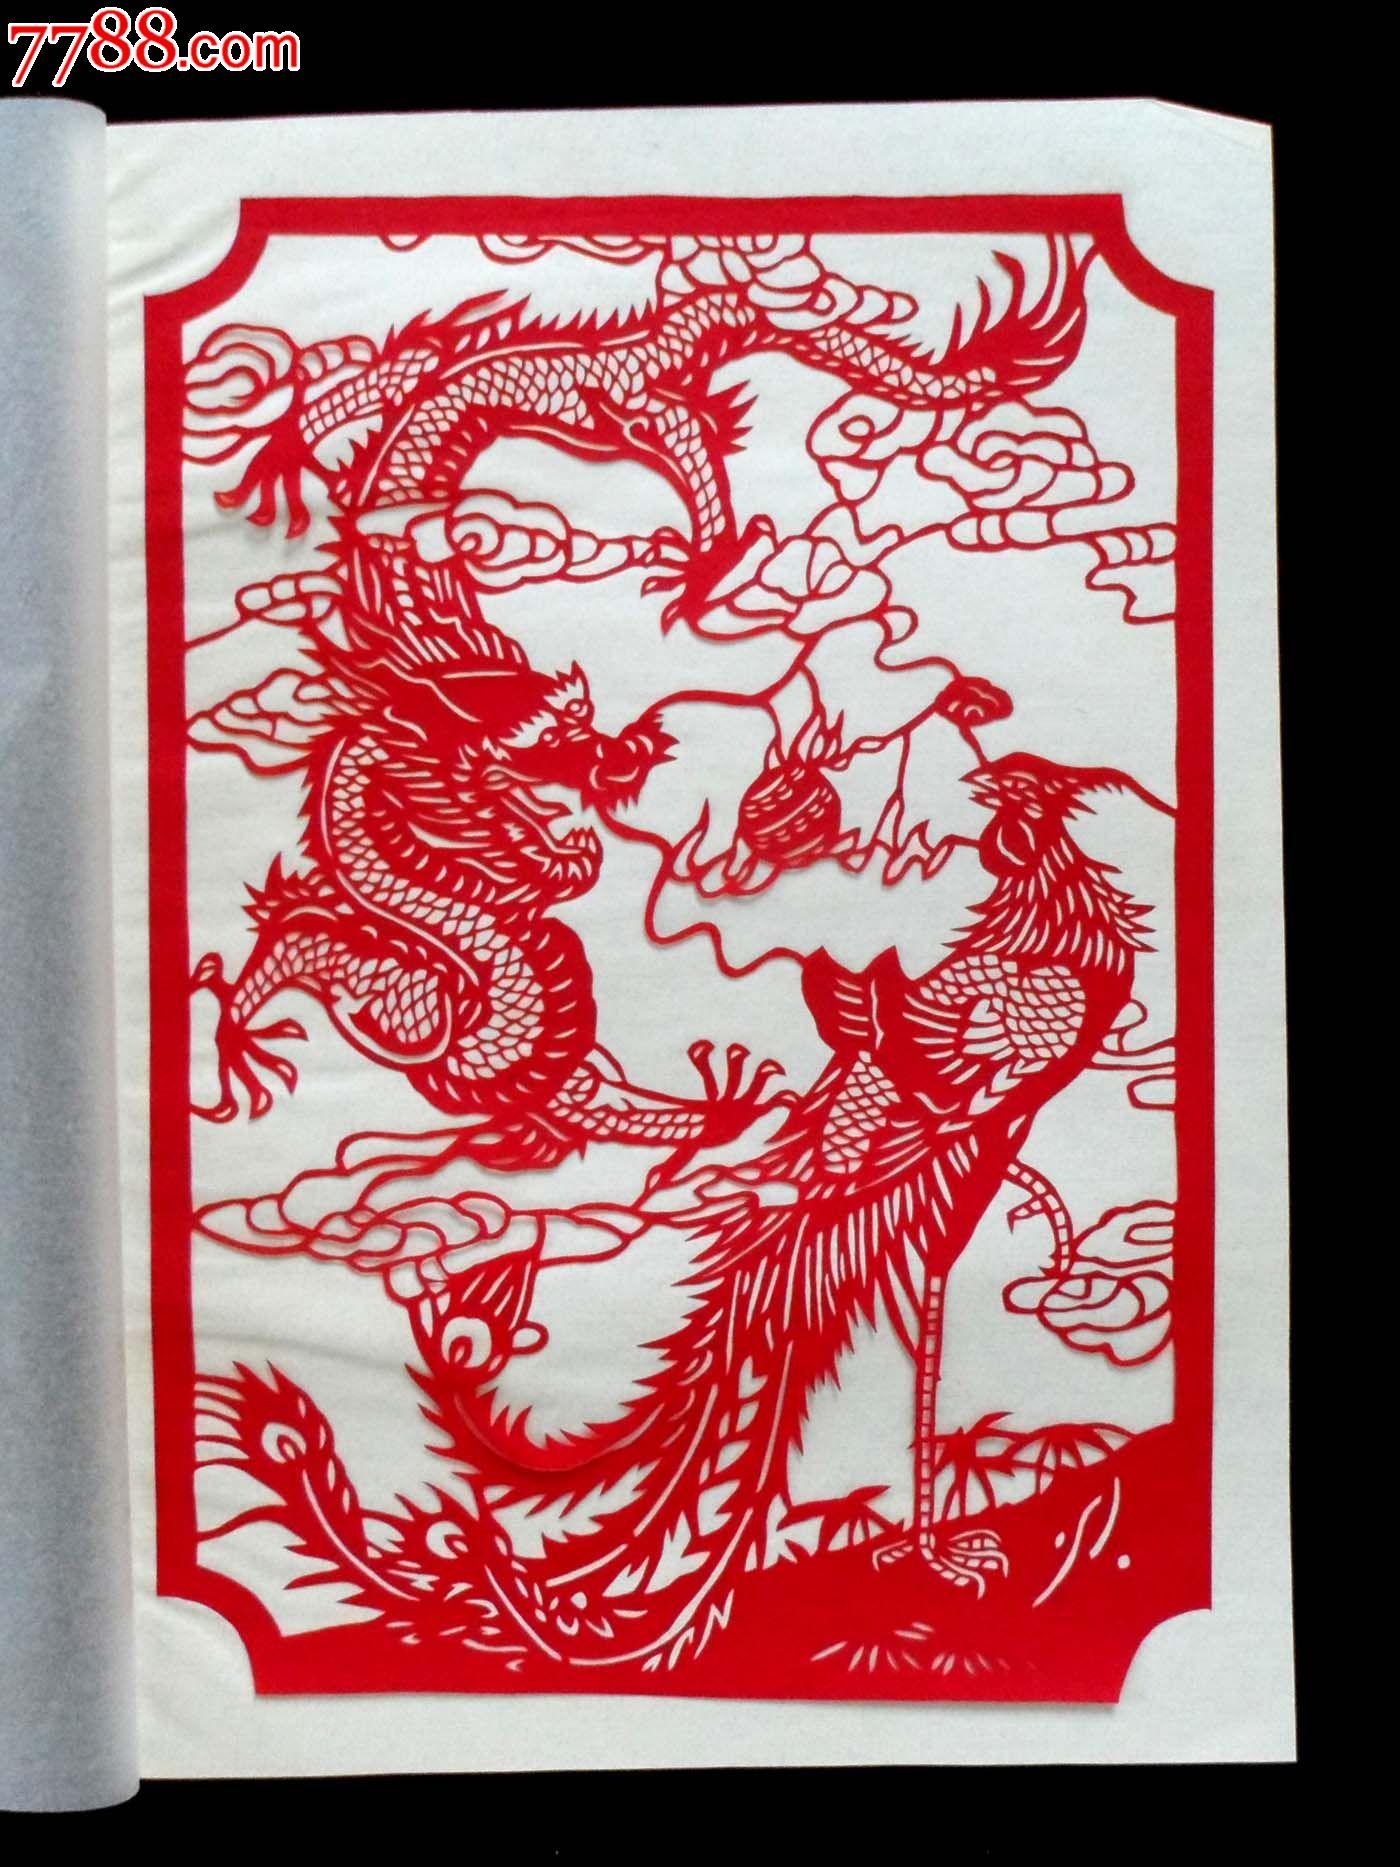 龙凤呈祥中国民间剪纸